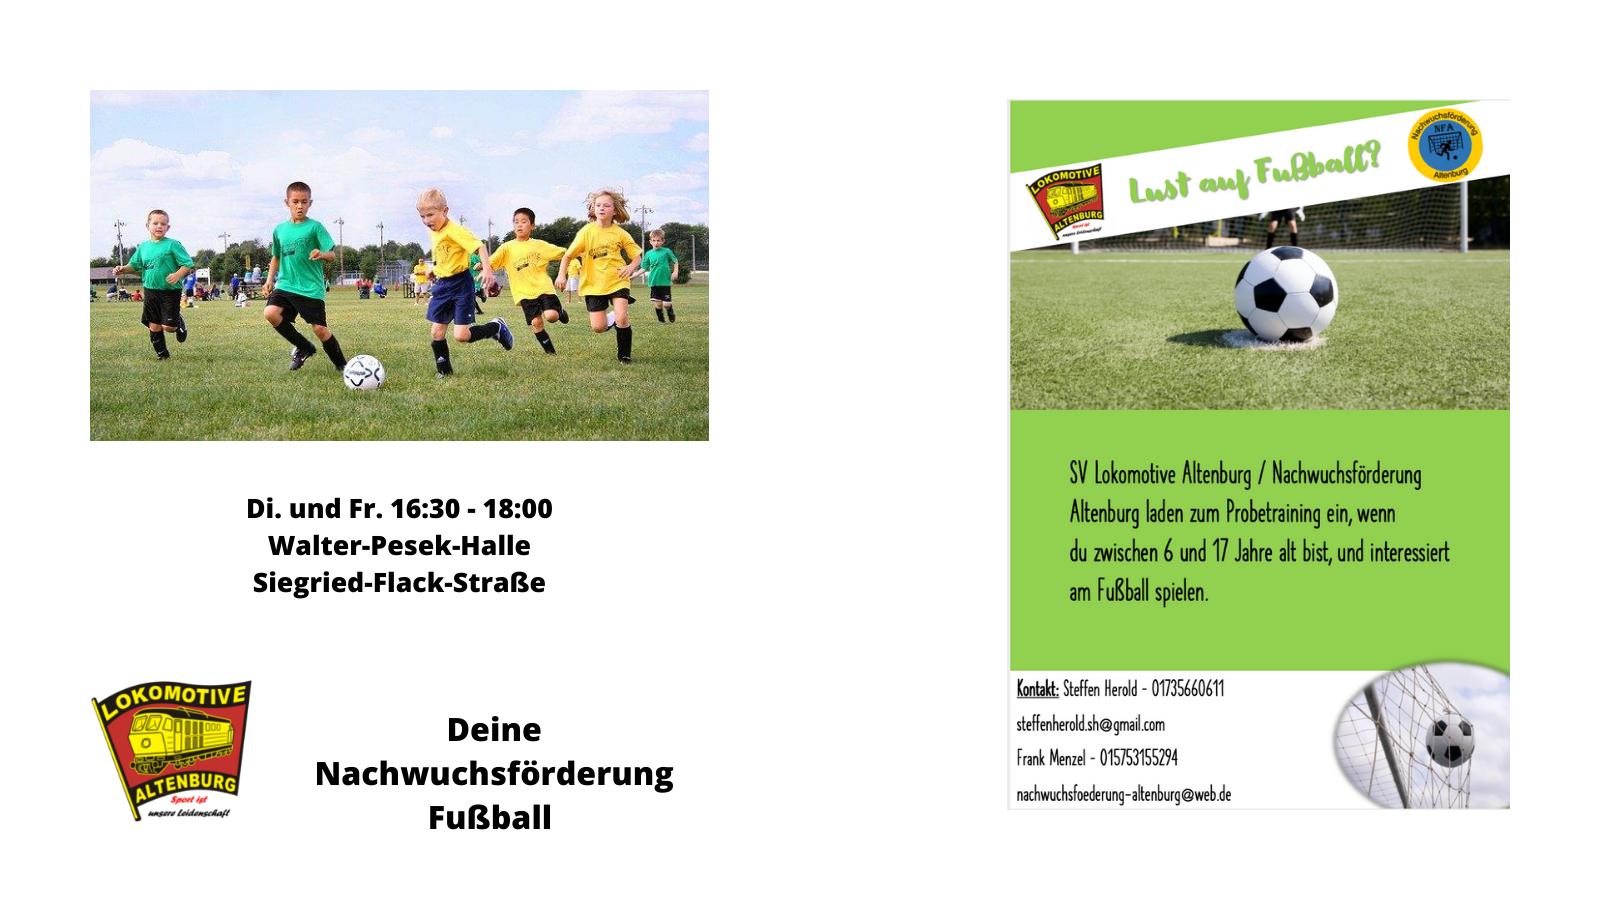 Deine Nachwuchsförderung Fußball 2021